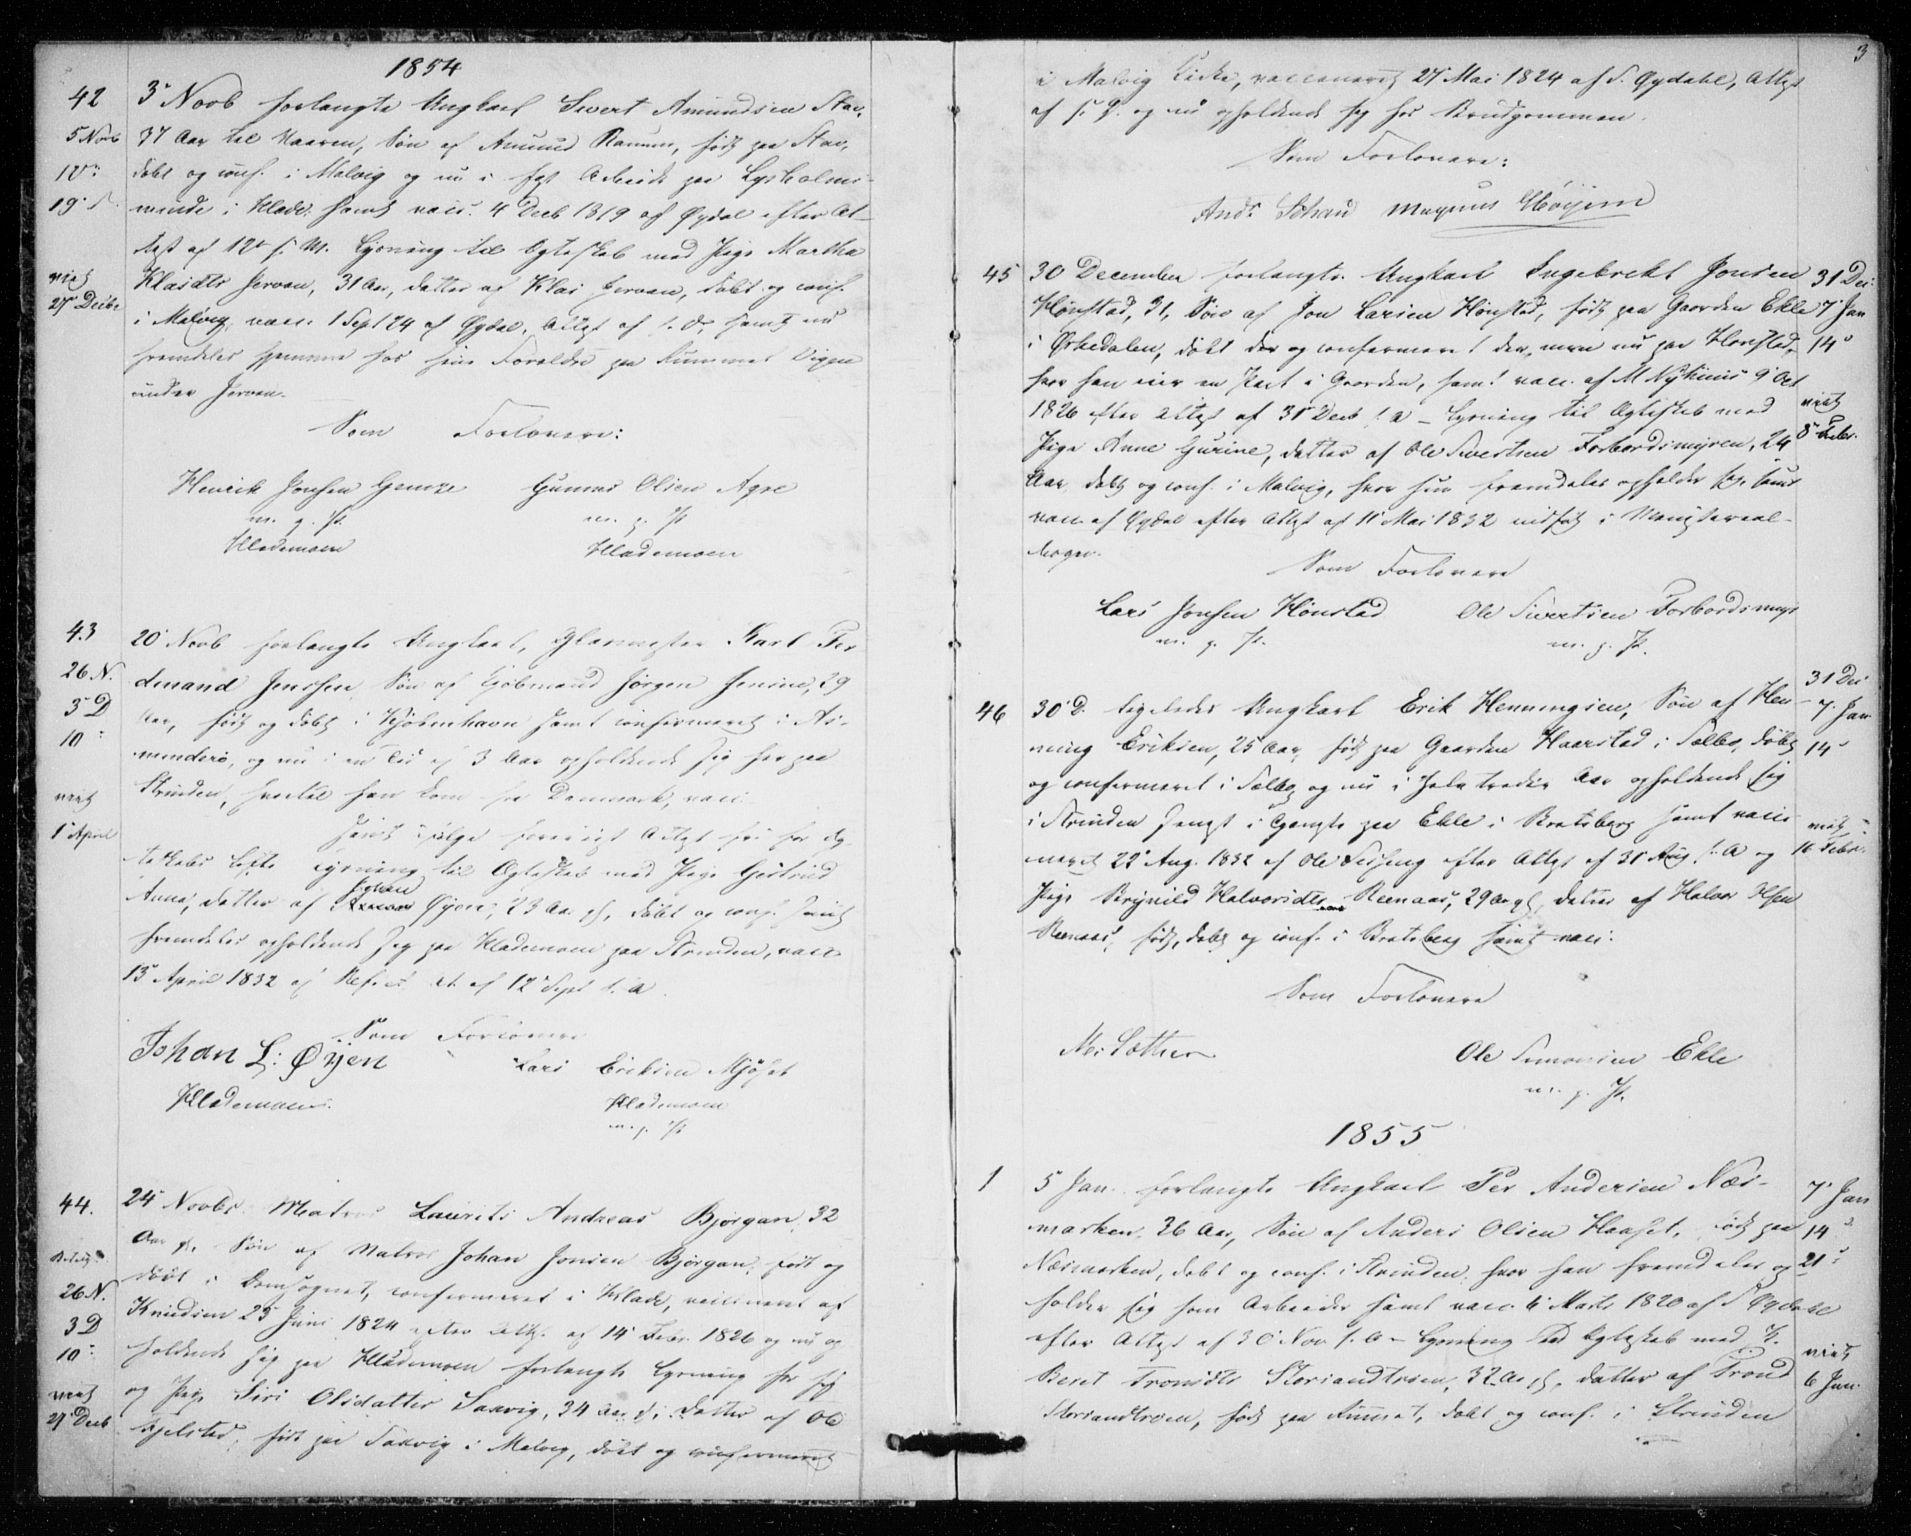 SAT, Ministerialprotokoller, klokkerbøker og fødselsregistre - Sør-Trøndelag, 606/L0297: Lysningsprotokoll nr. 606A12, 1854-1861, s. 3